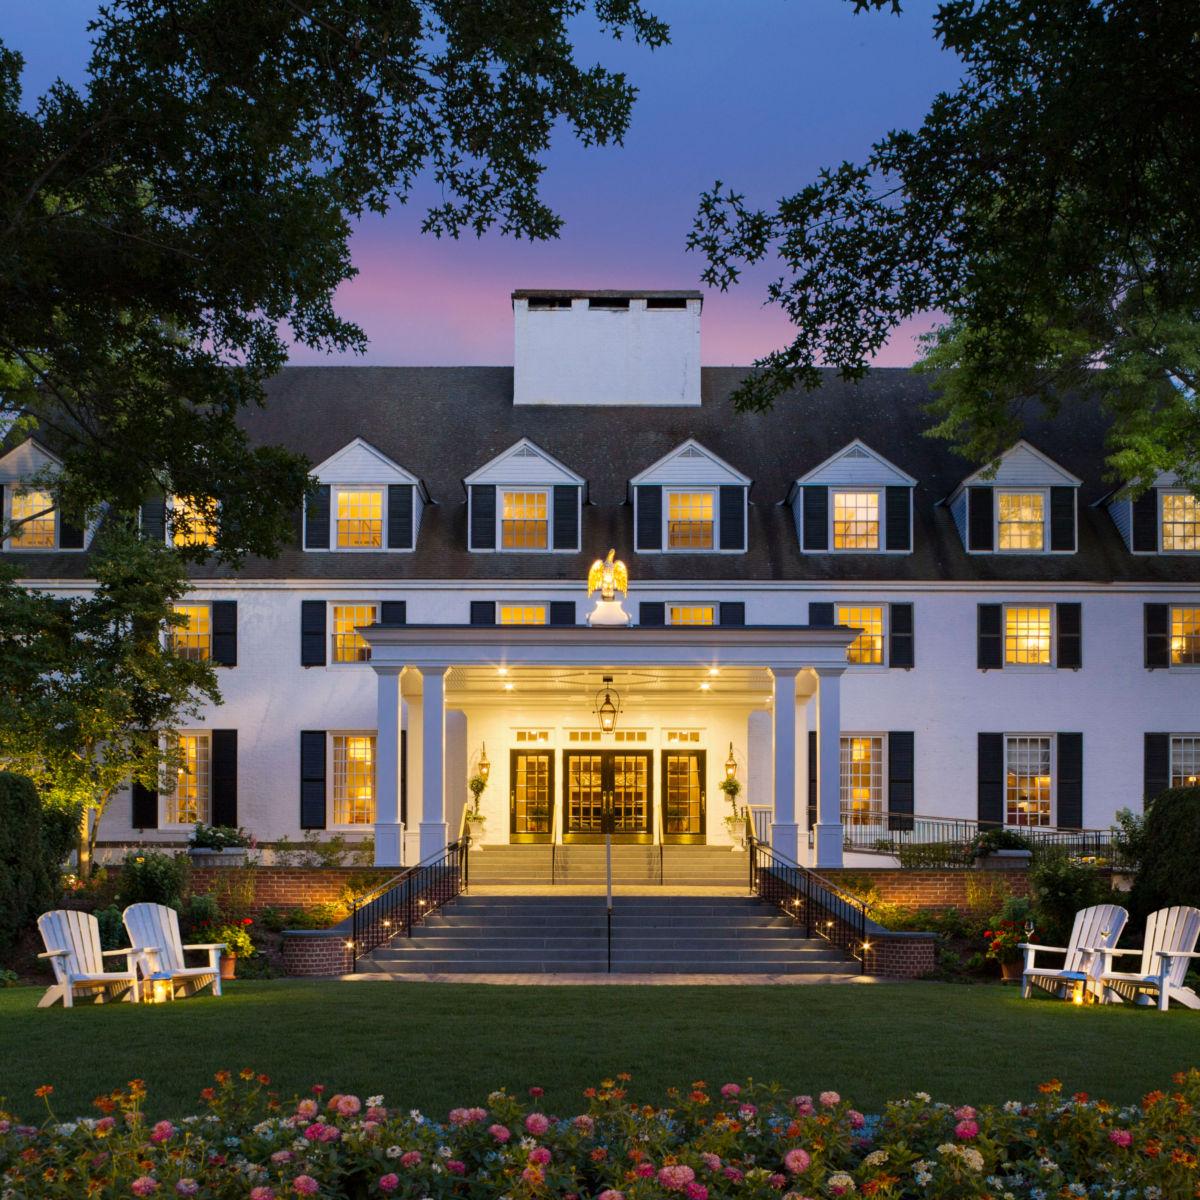 The Woodstock Inn & Resort - image number 0